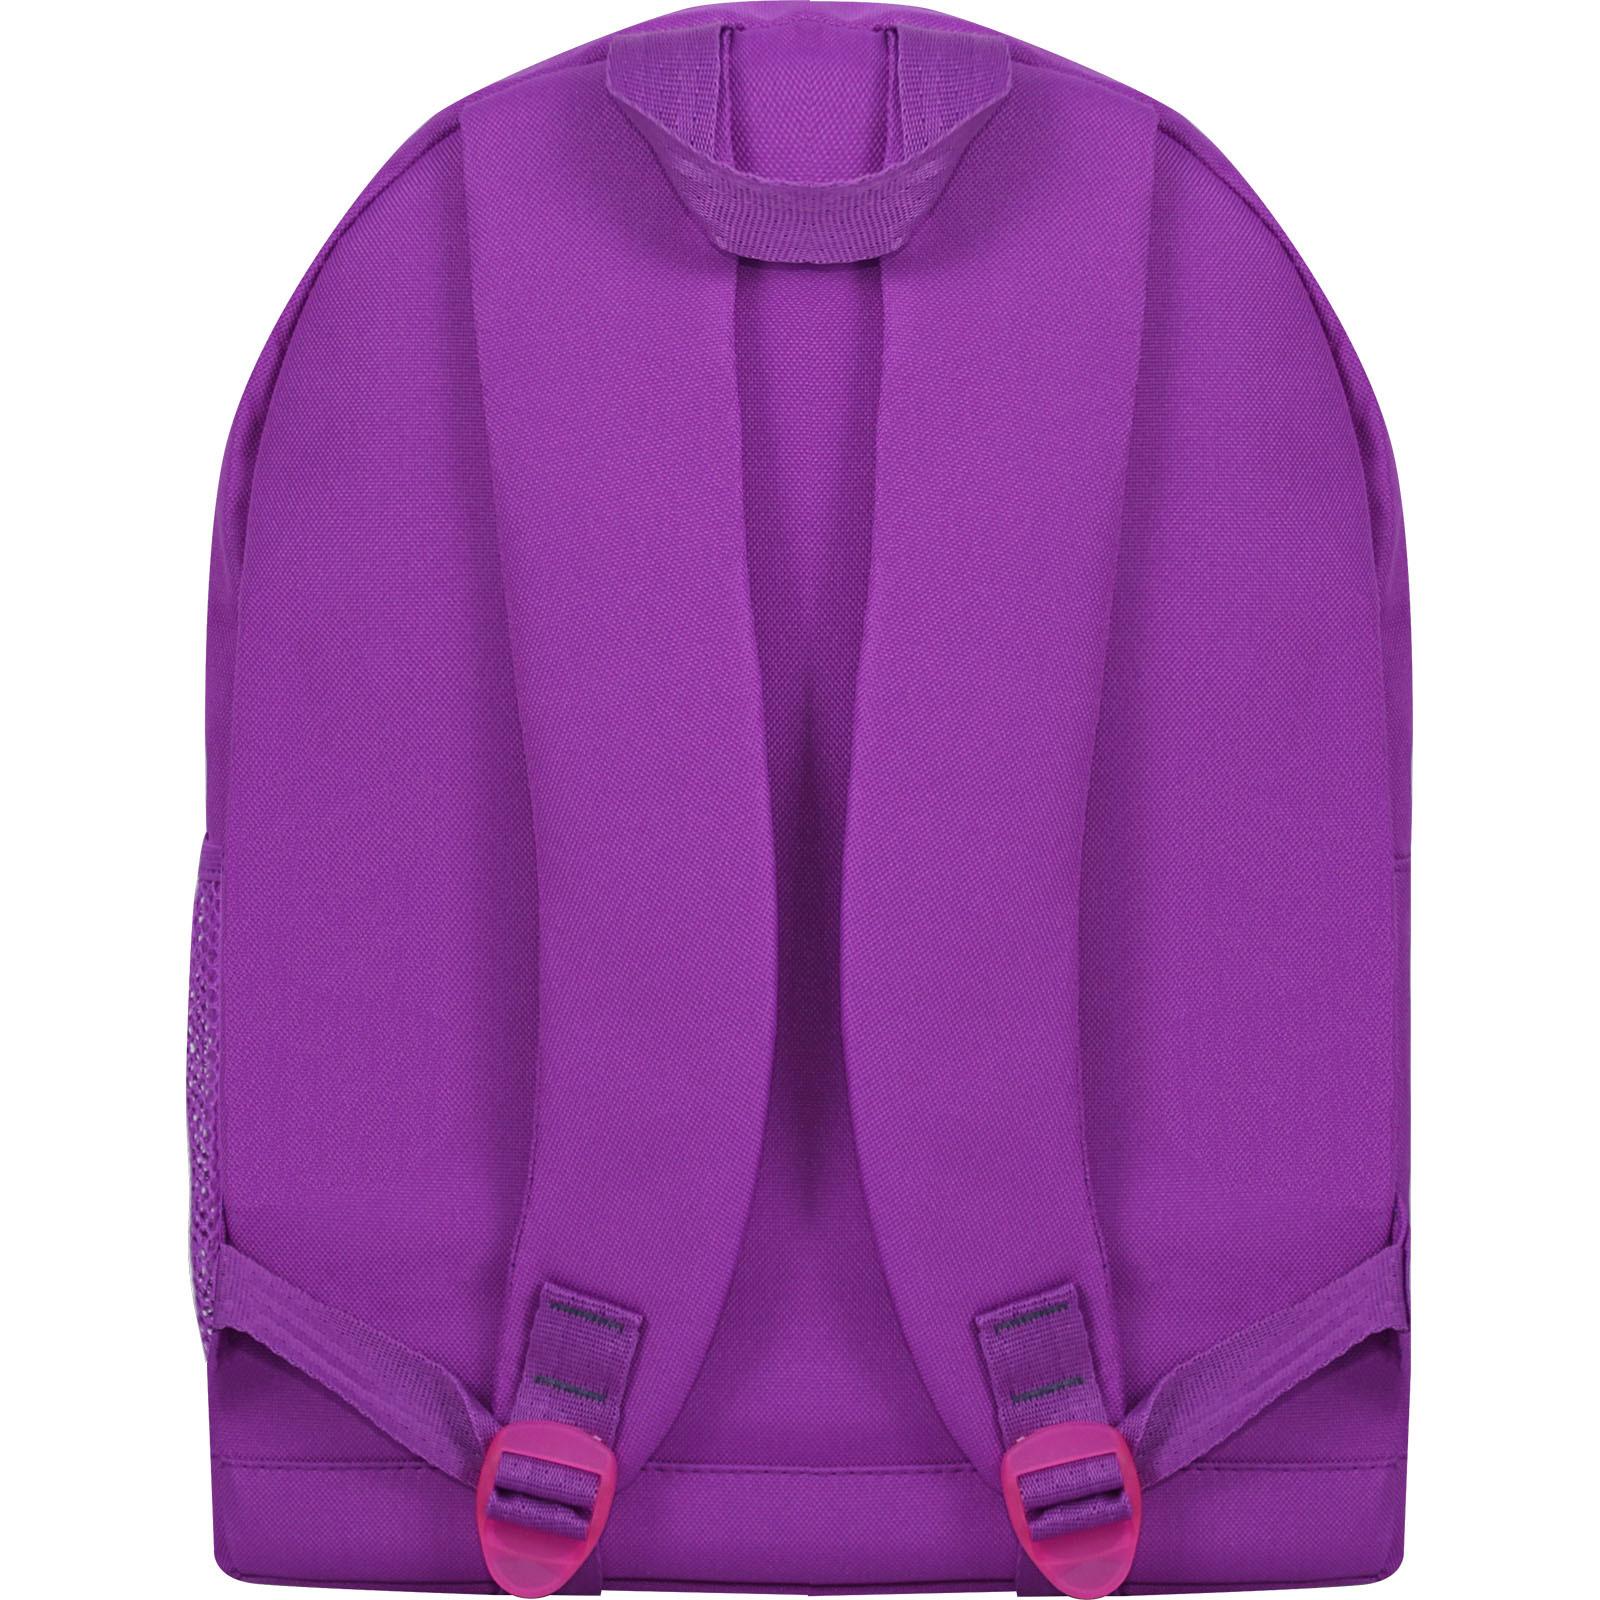 Рюкзак Bagland Молодежный W/R 17 л. 170 Фиолетовый 770 (00533662) фото 4